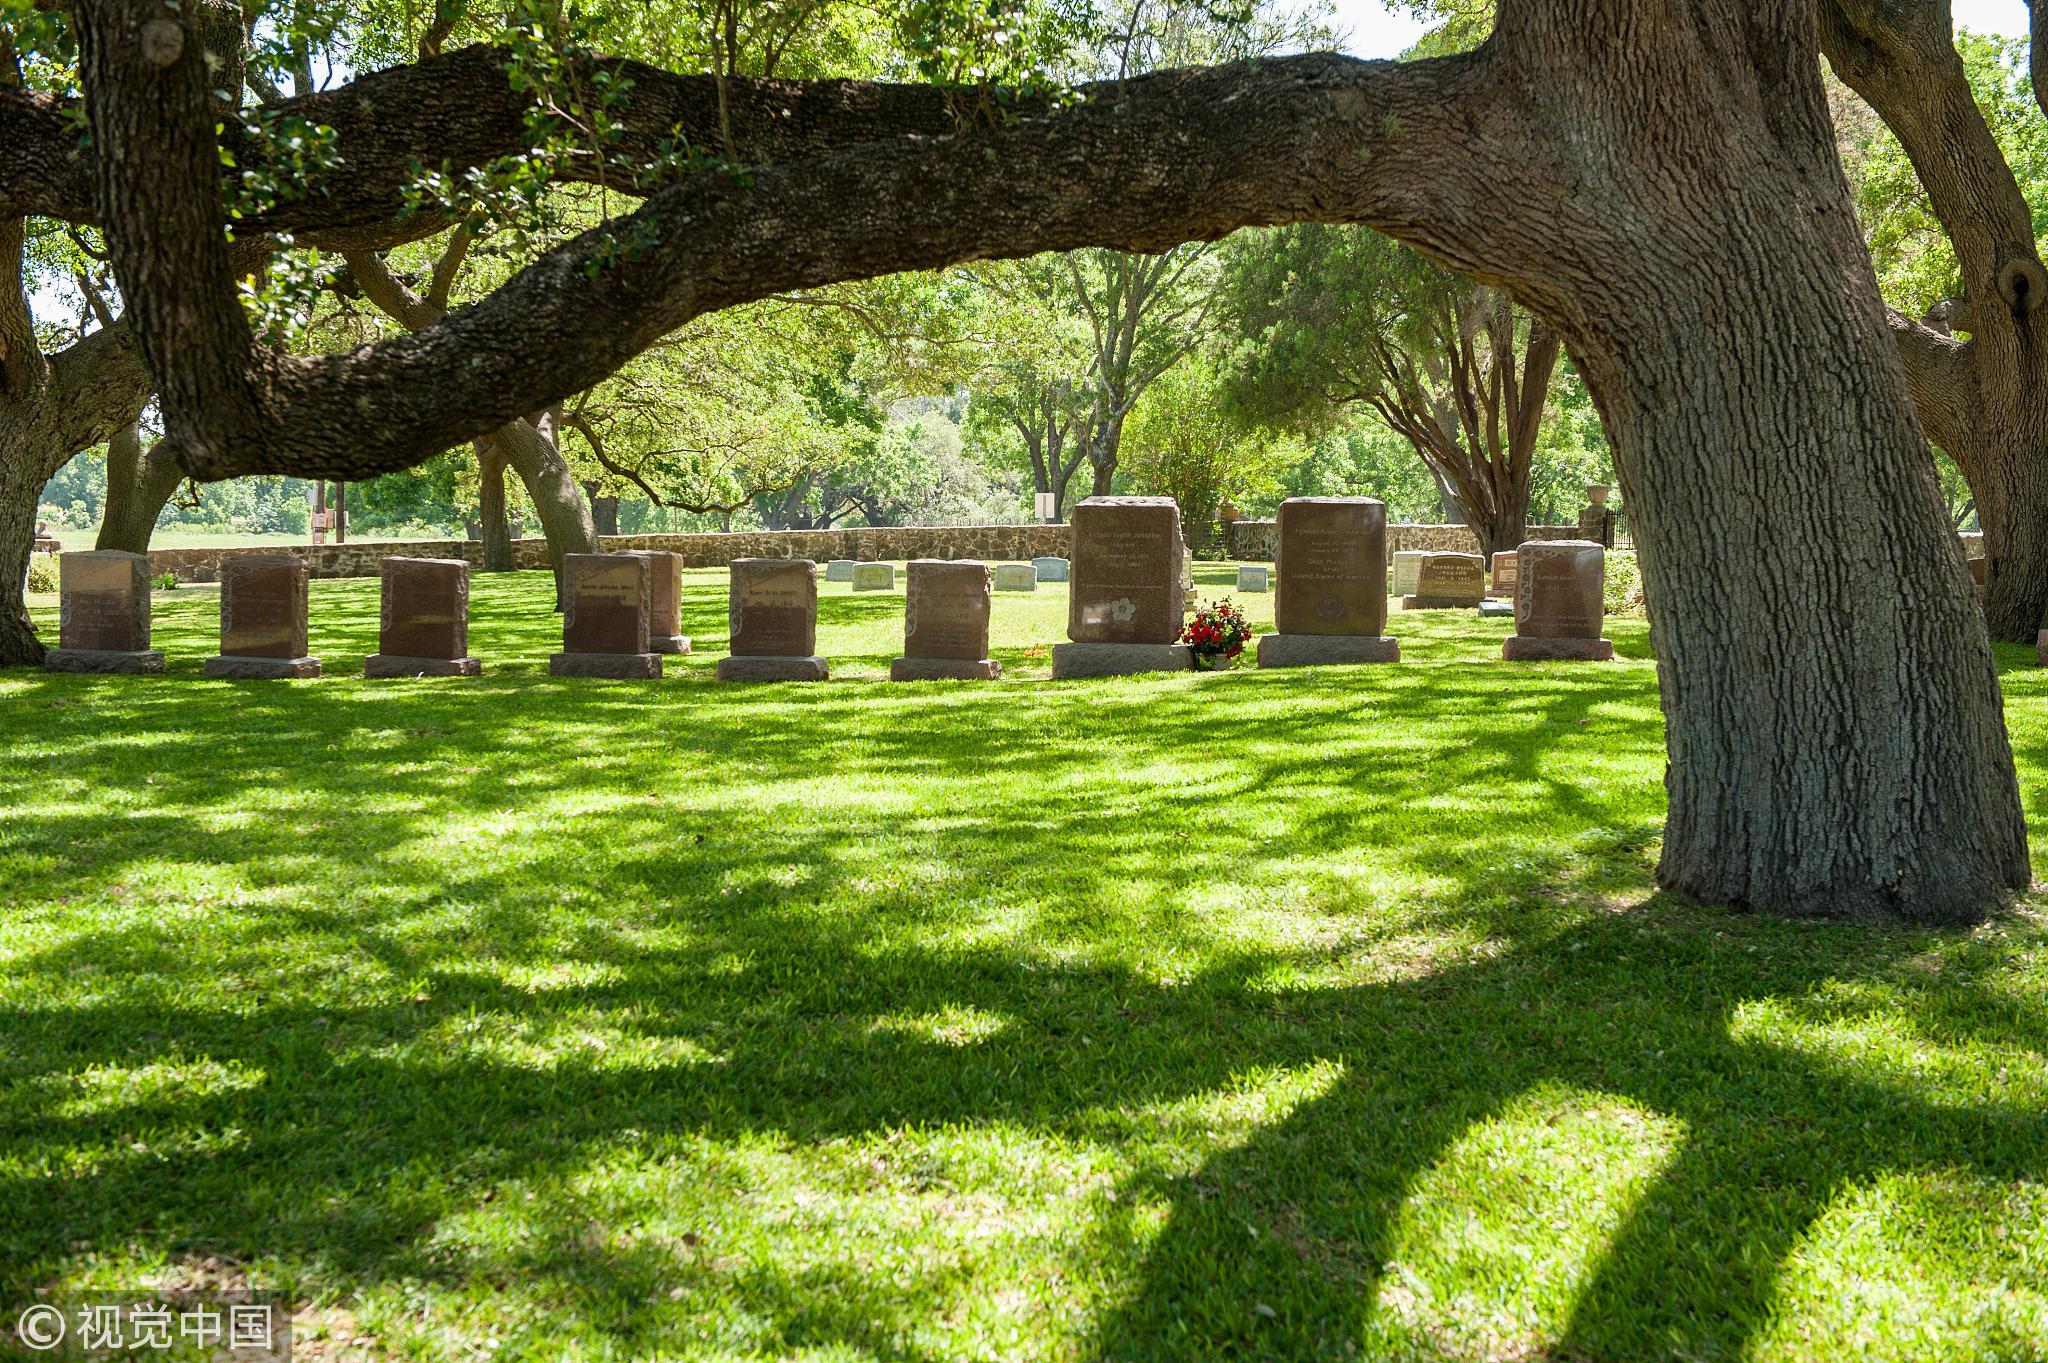 2017年5月16日,美国德克萨斯州约翰逊总统家族墓园。/视觉中国